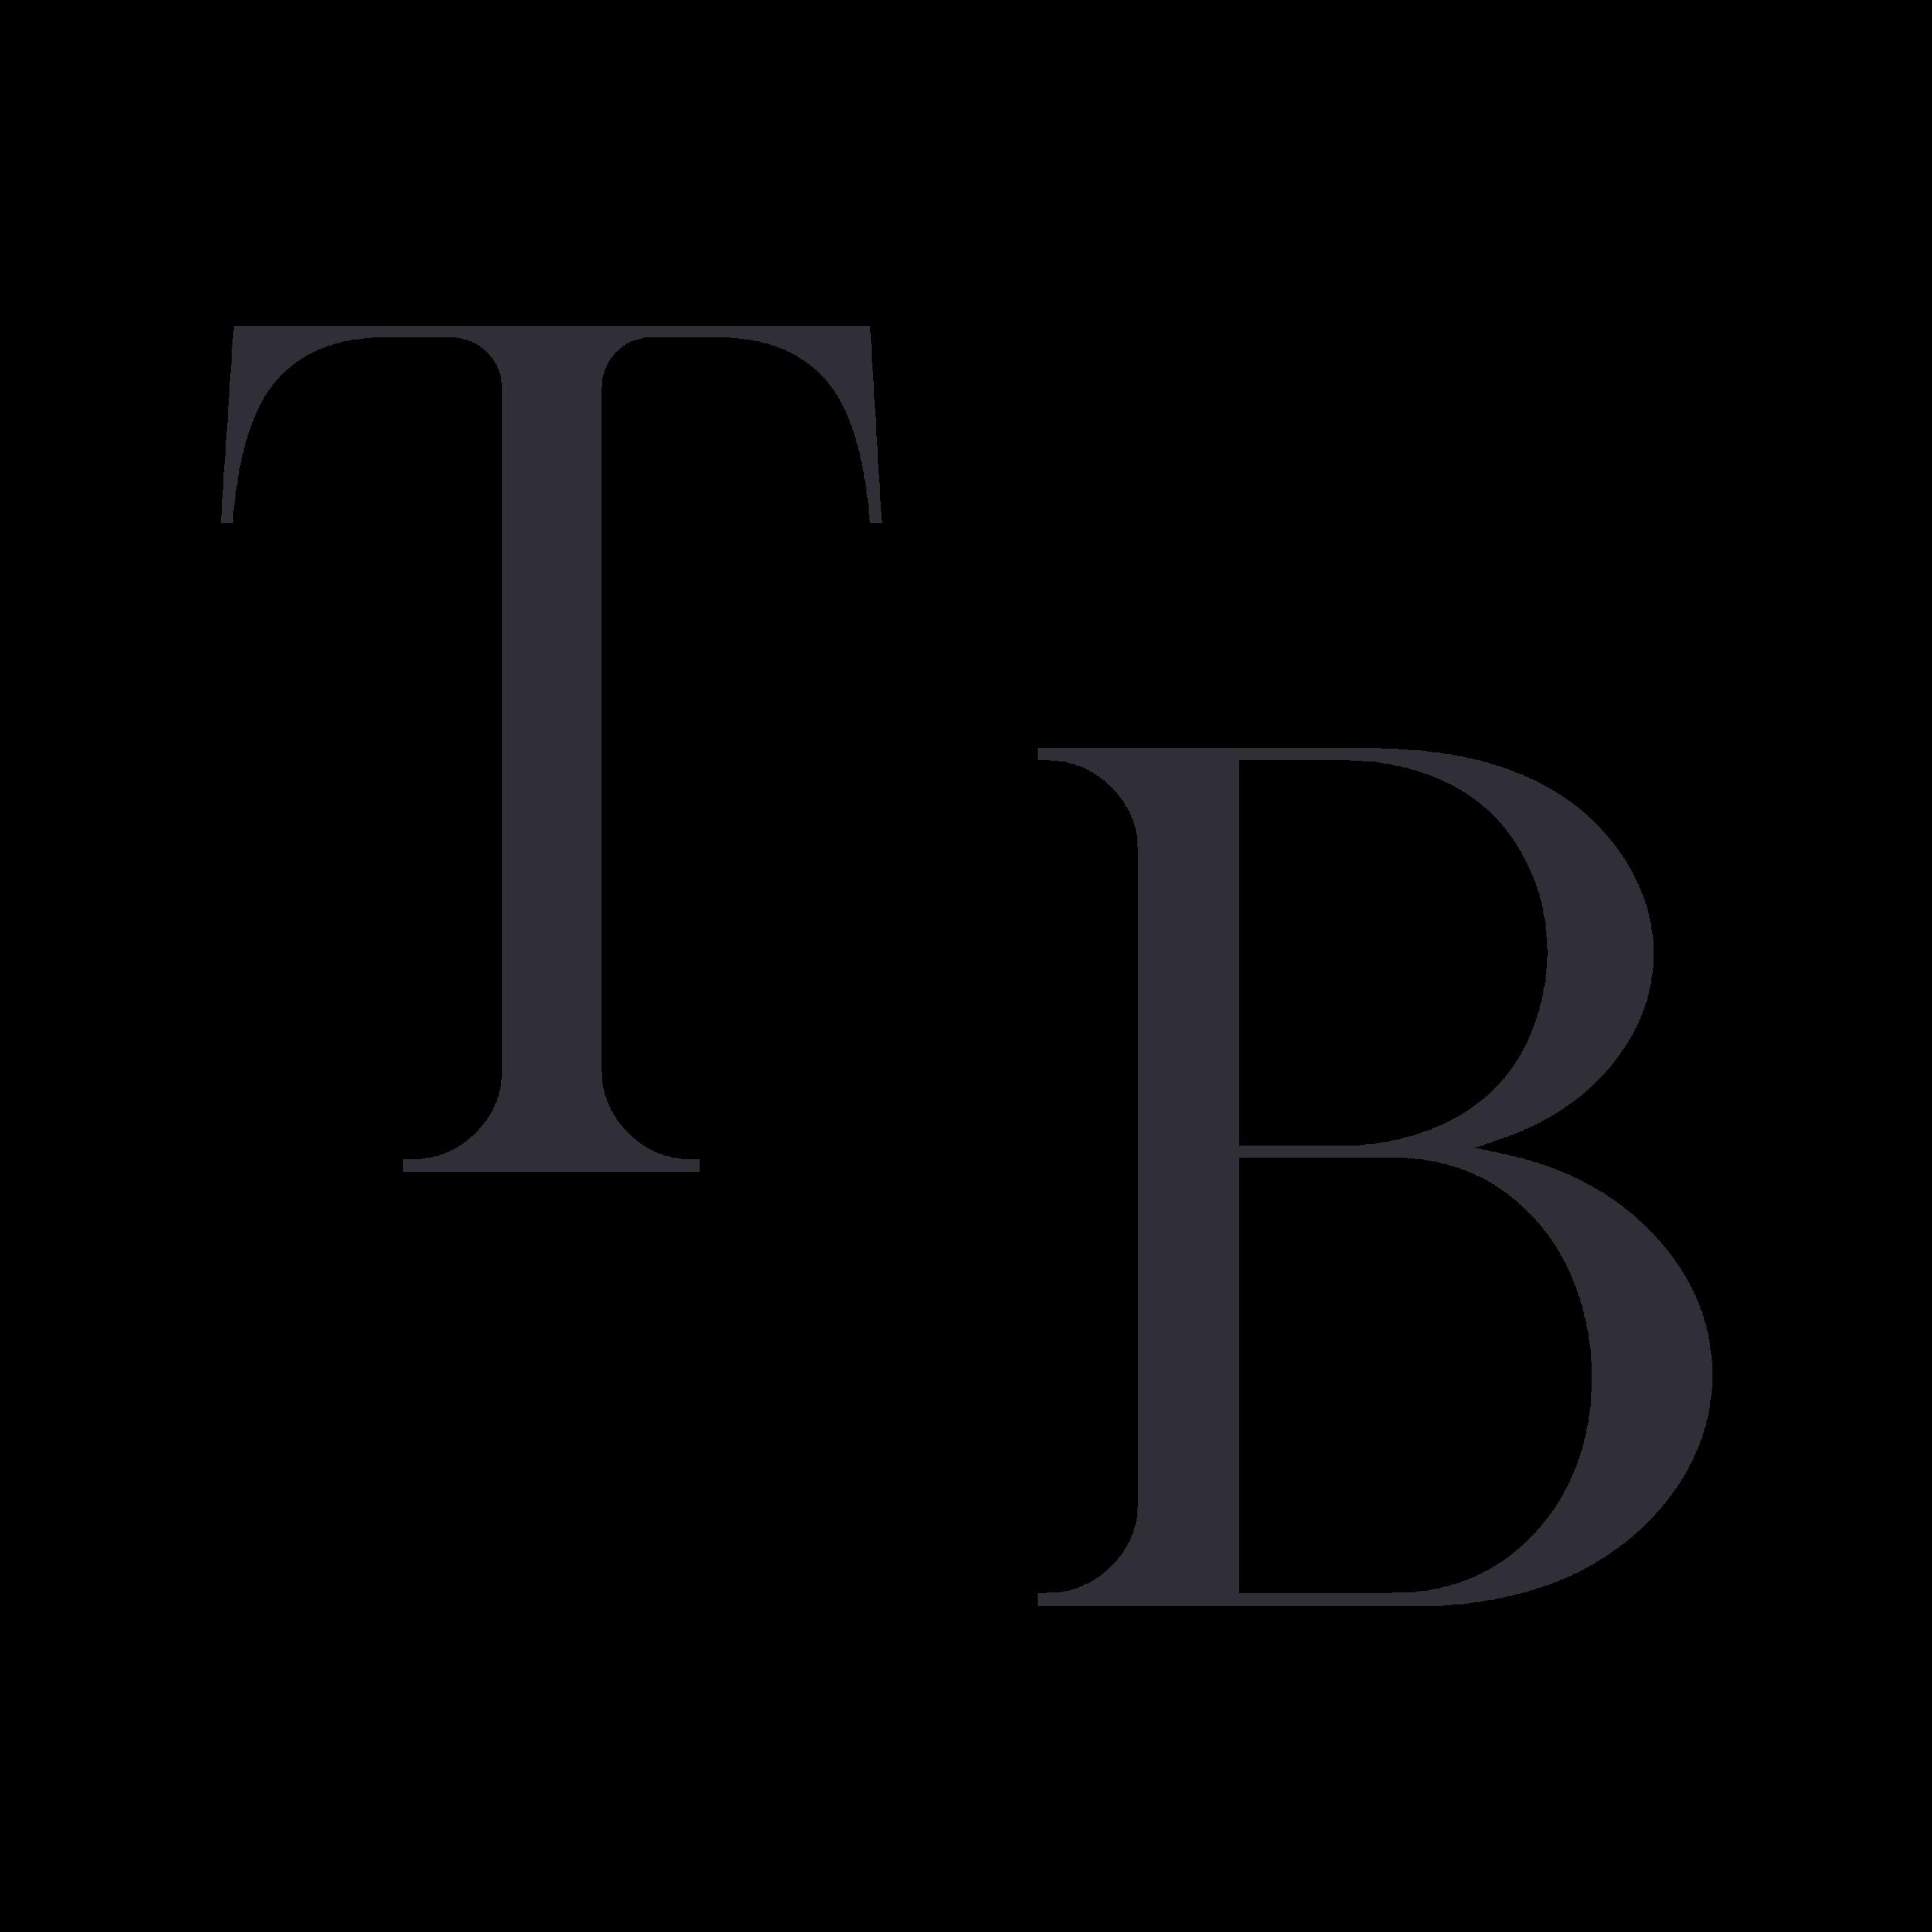 Thibault Brémond